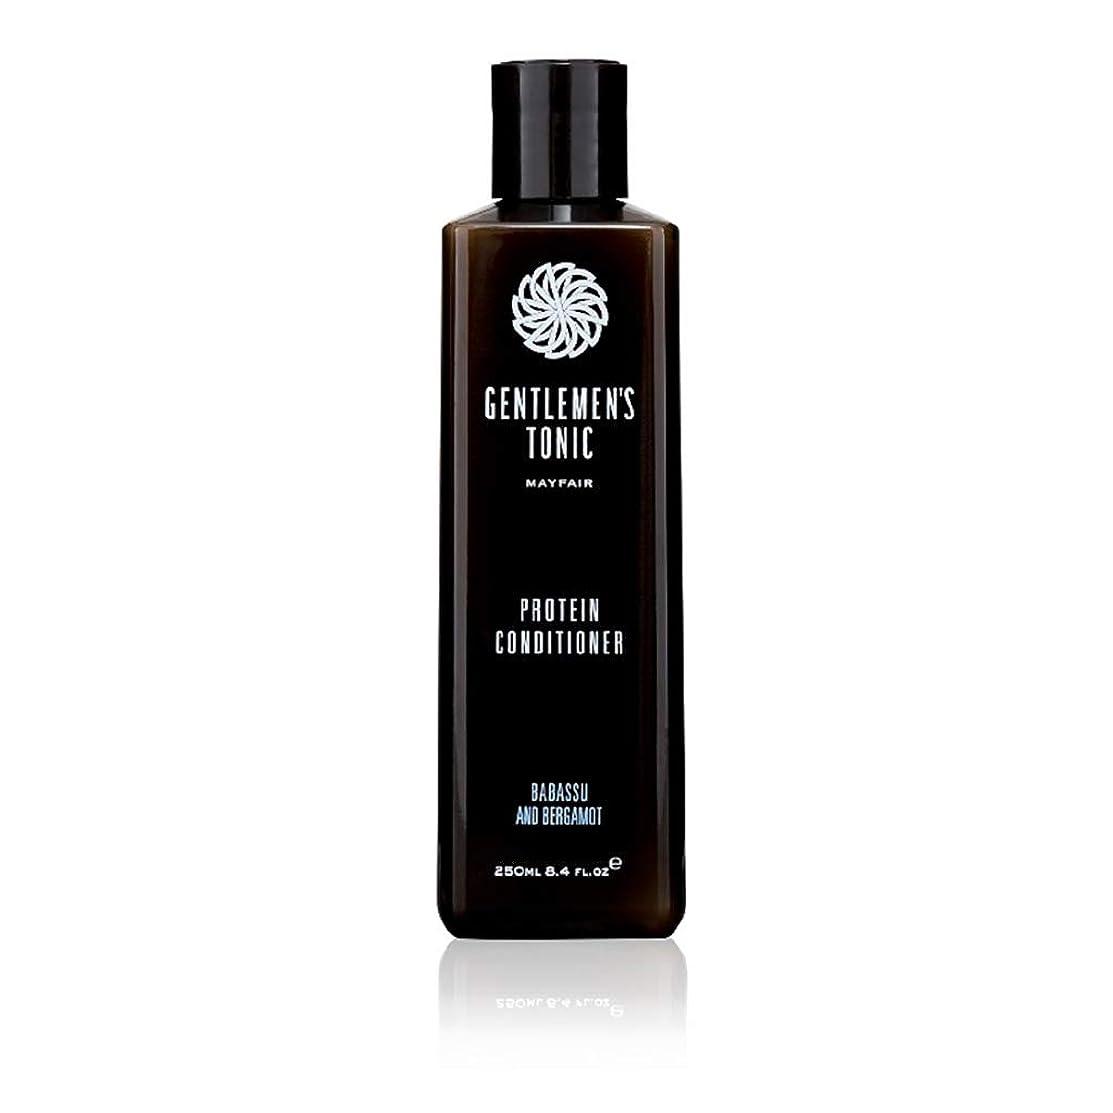 魂暴力的な振動するGentlemen's Tonic Protein Conditioner 250 ml